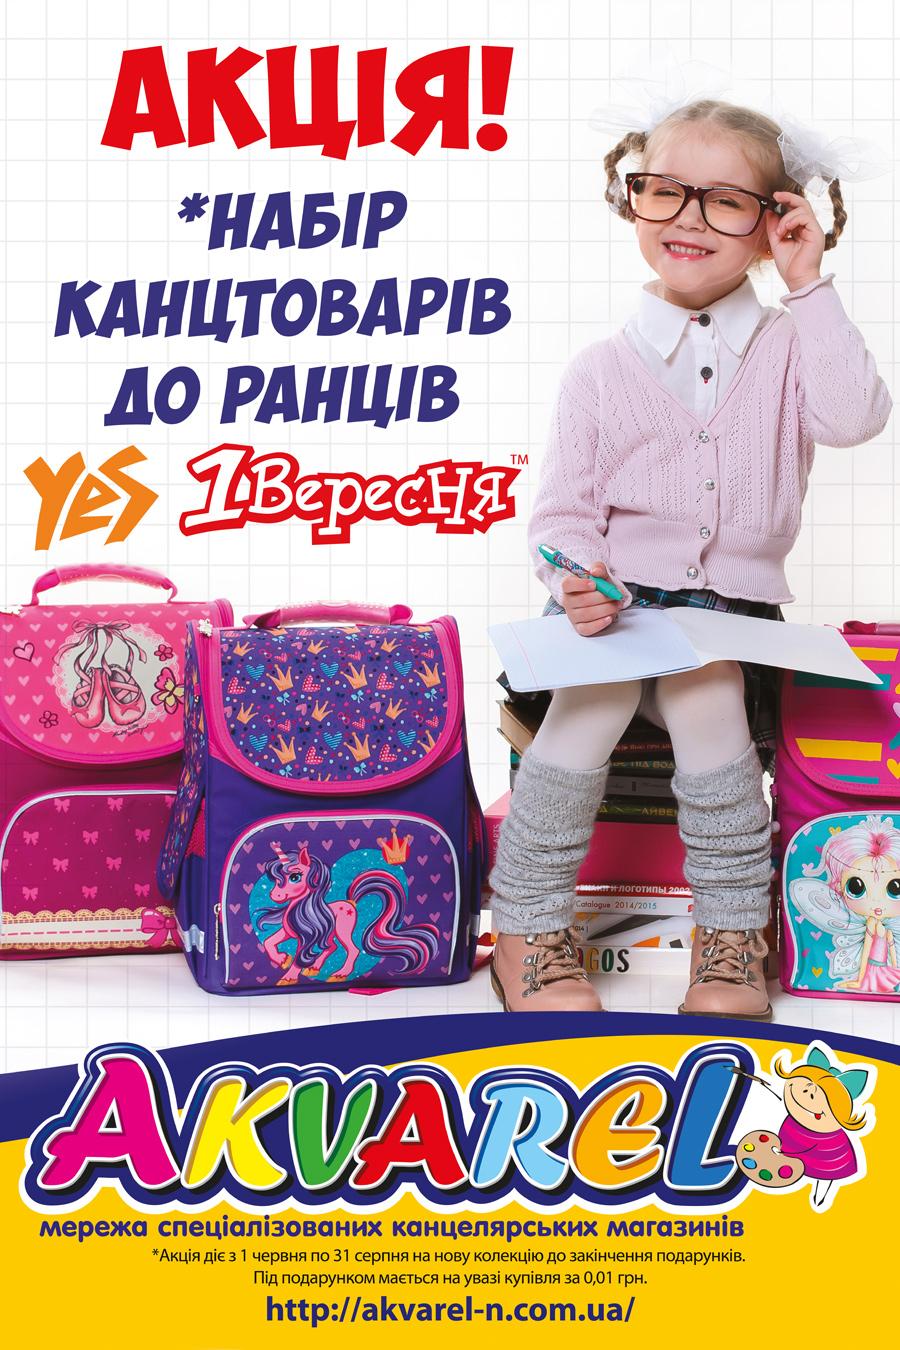 Акцiя вiд канцелярських магазинів «AKVAREL» 79ccae2e5669f